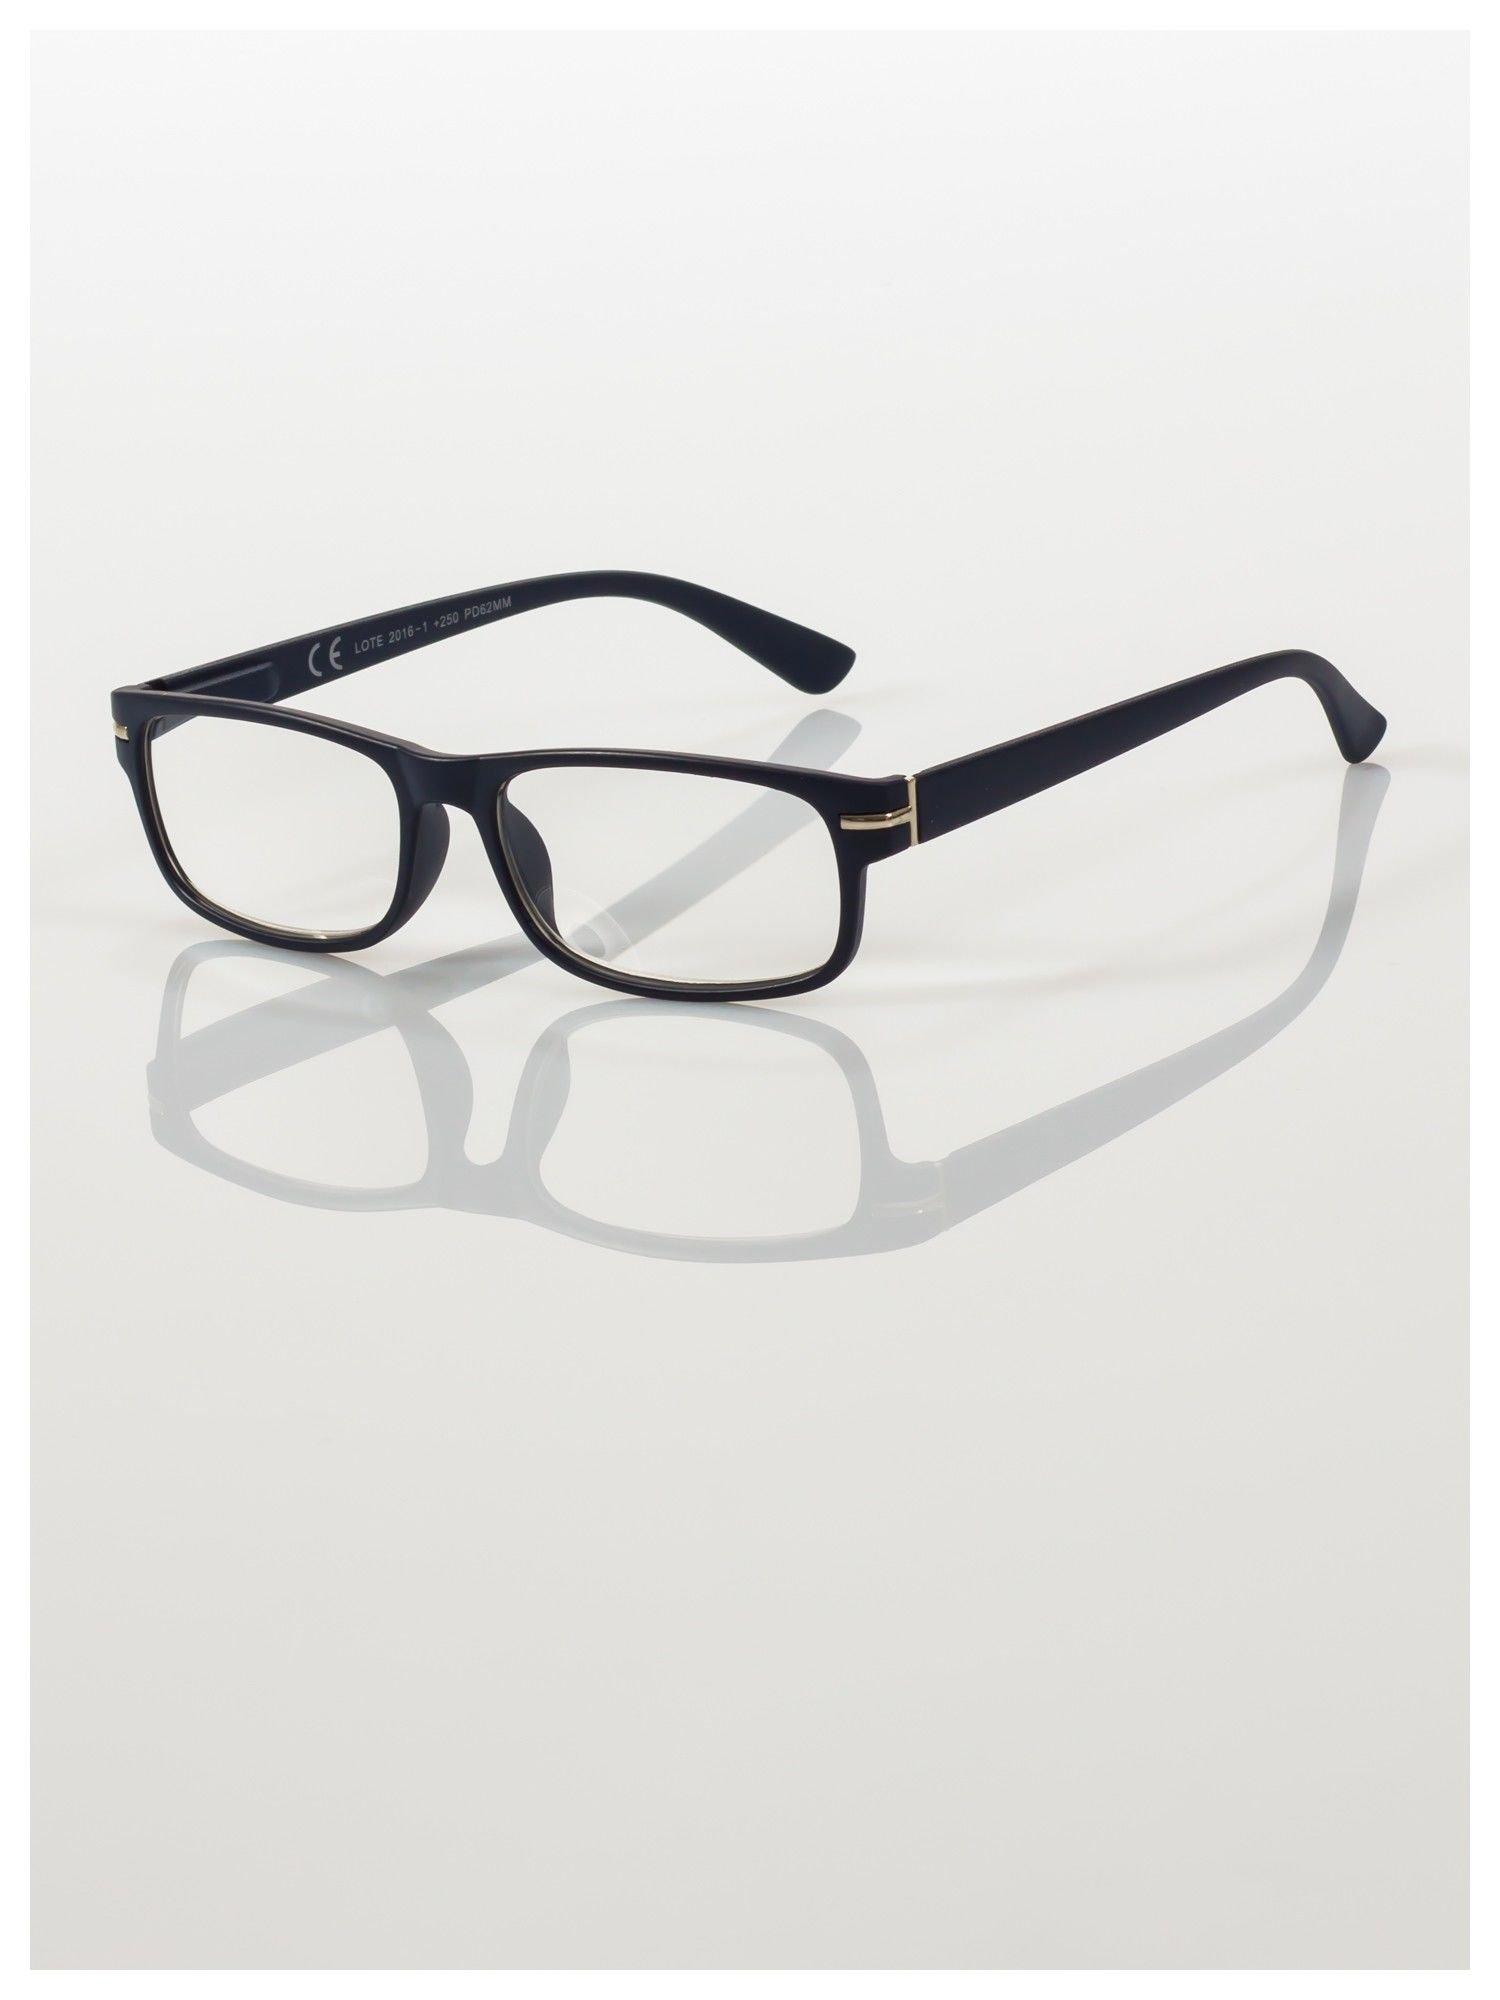 Eleganckie granatowe matowe korekcyjne okulary do czytania +2.0 D  z sytemem FLEX na zausznikach                                  zdj.                                  1